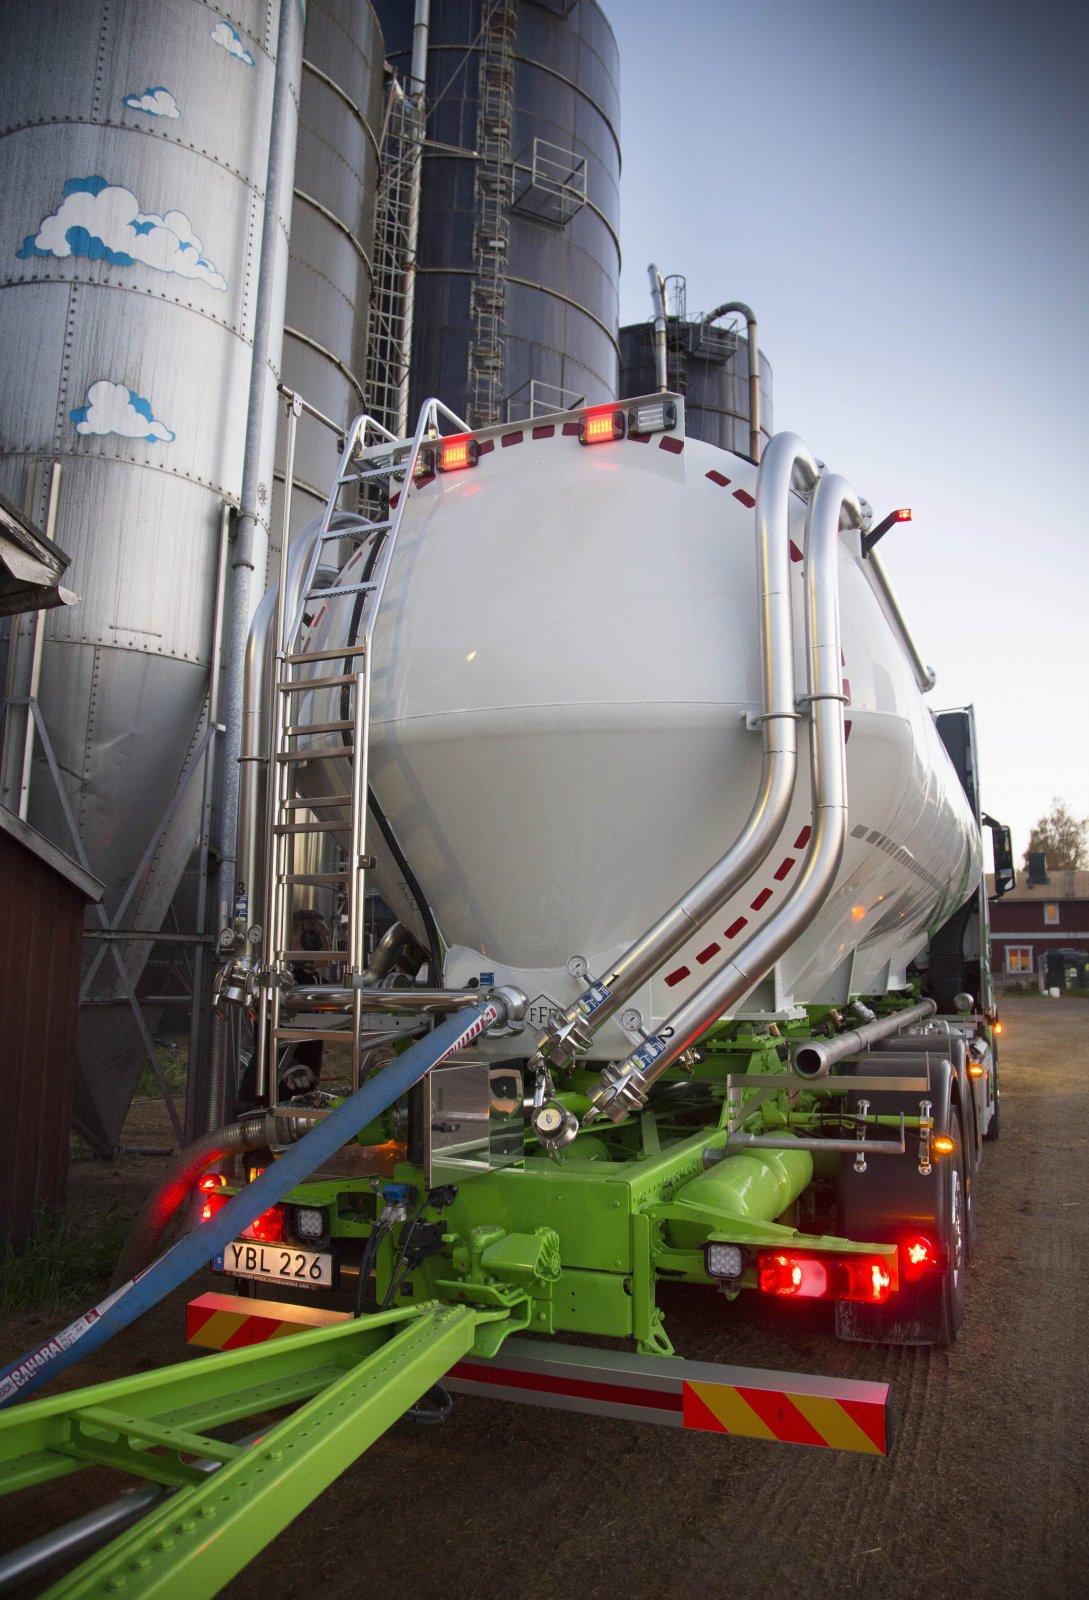 Lastbilens aluminiumtank rymmer 35 kubik fördelat på fyra fack medan släptanken rymmer 55 kubik fördelat på fem fack. Foto: Joachim Cruus